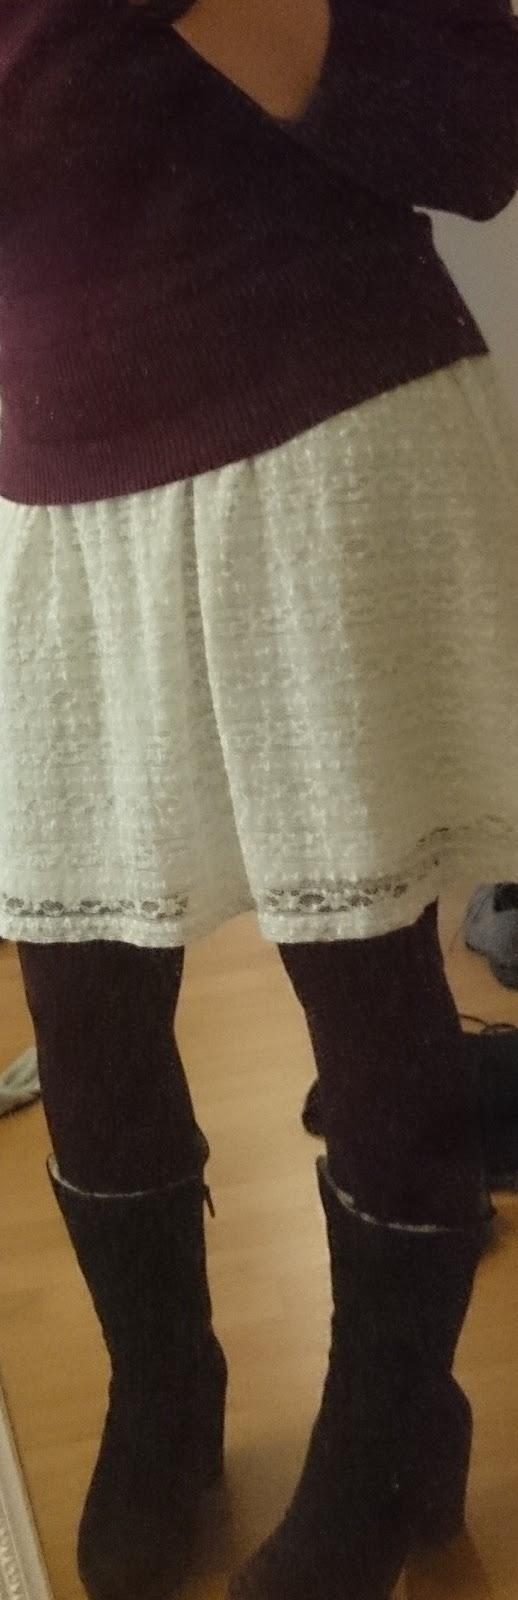 Sommerkleid und Kuschelpulli herbst- und wintertauglich kombiniert